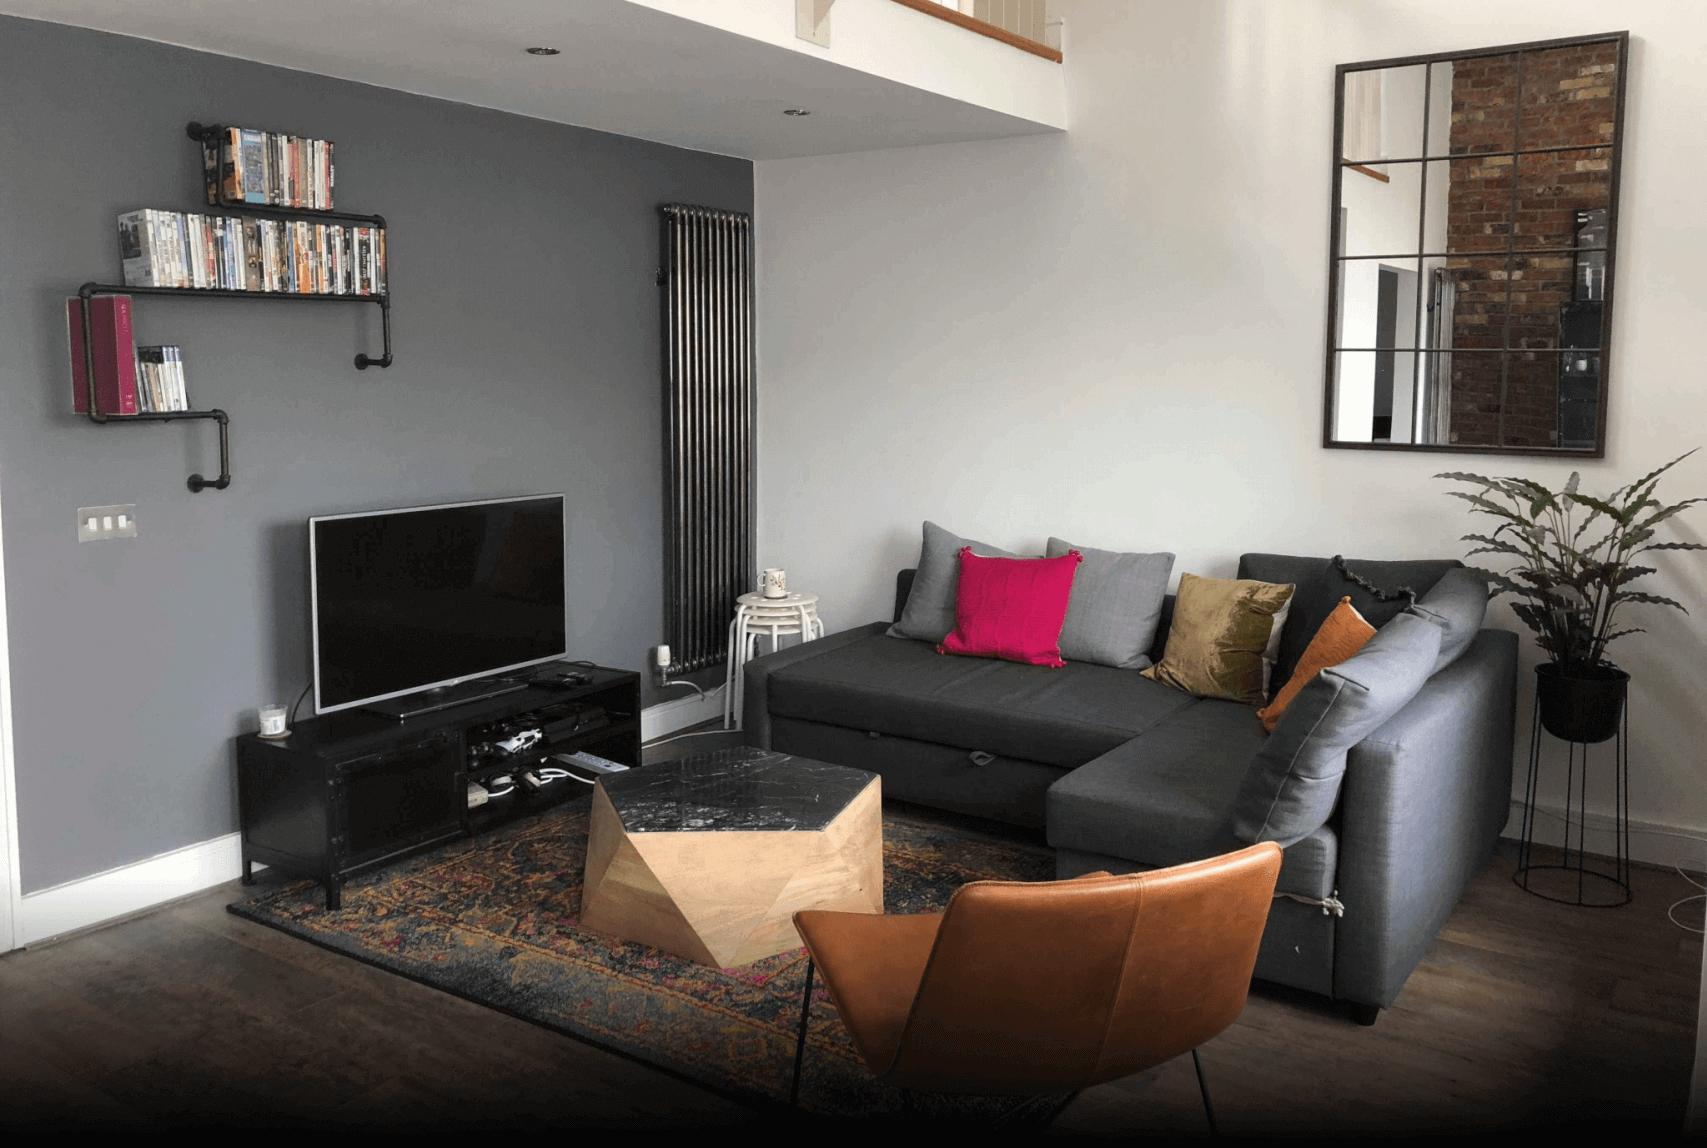 diseño de interiores hogar